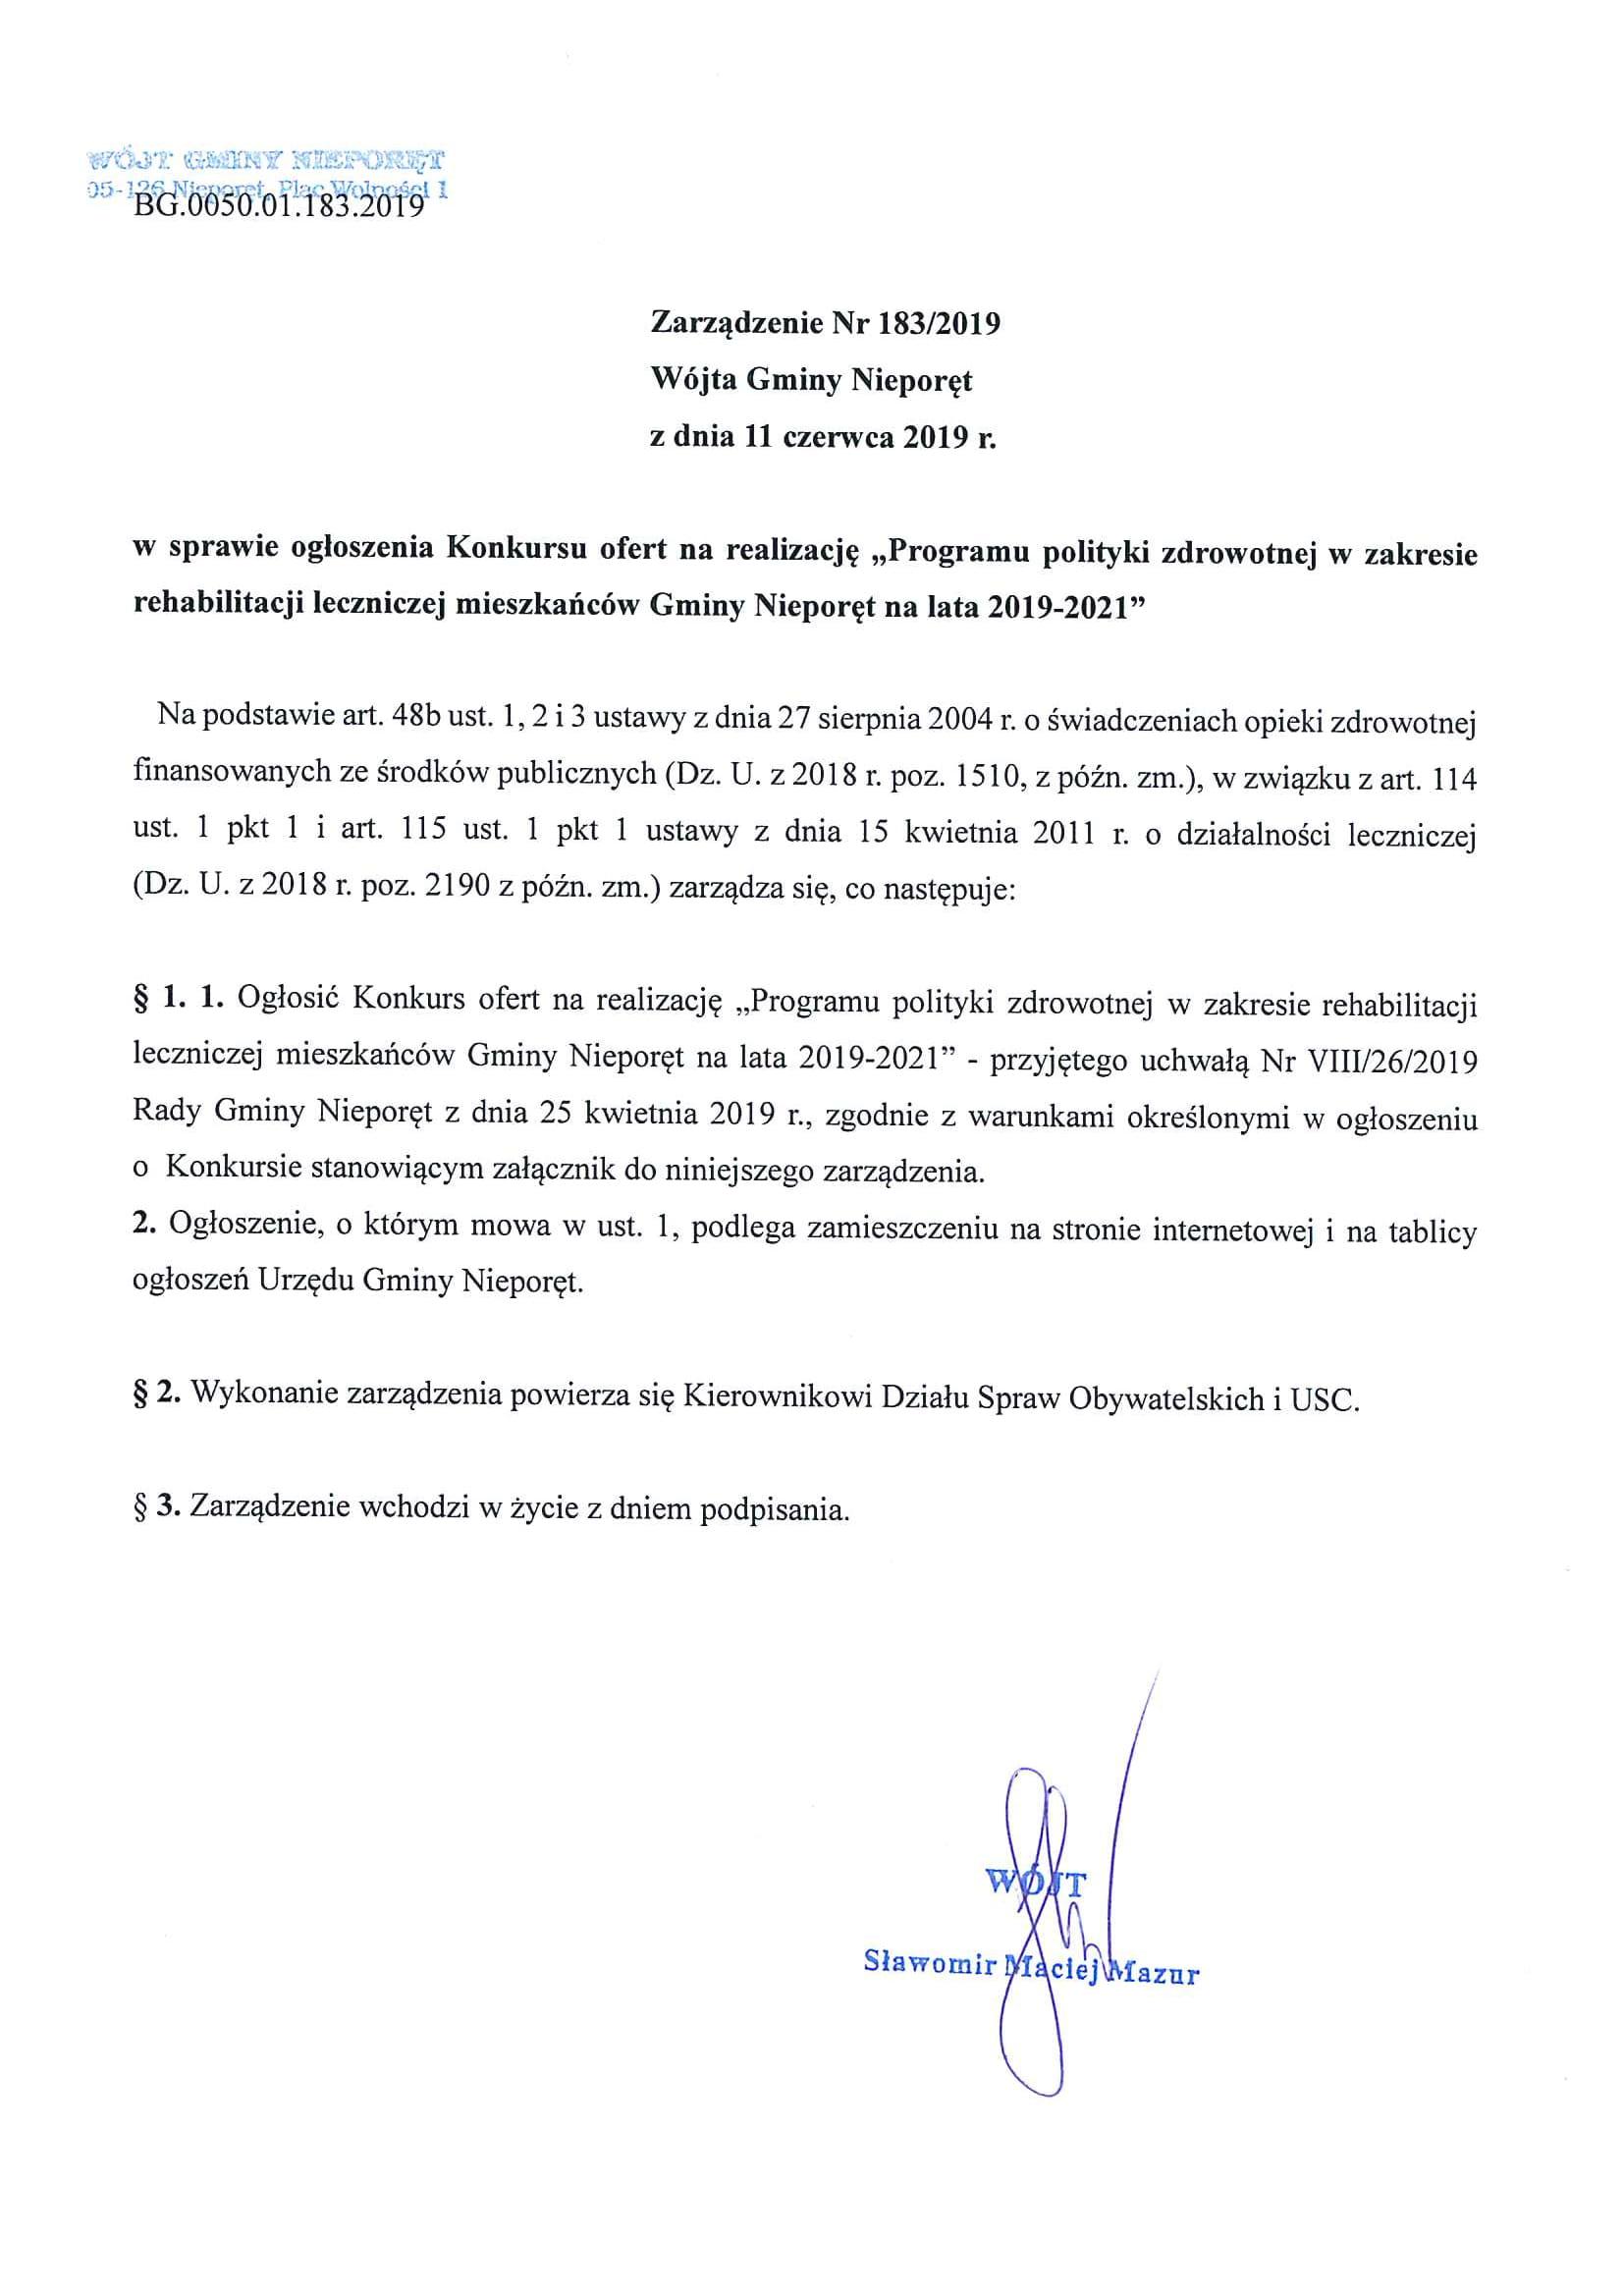 zarza.183.2019-01